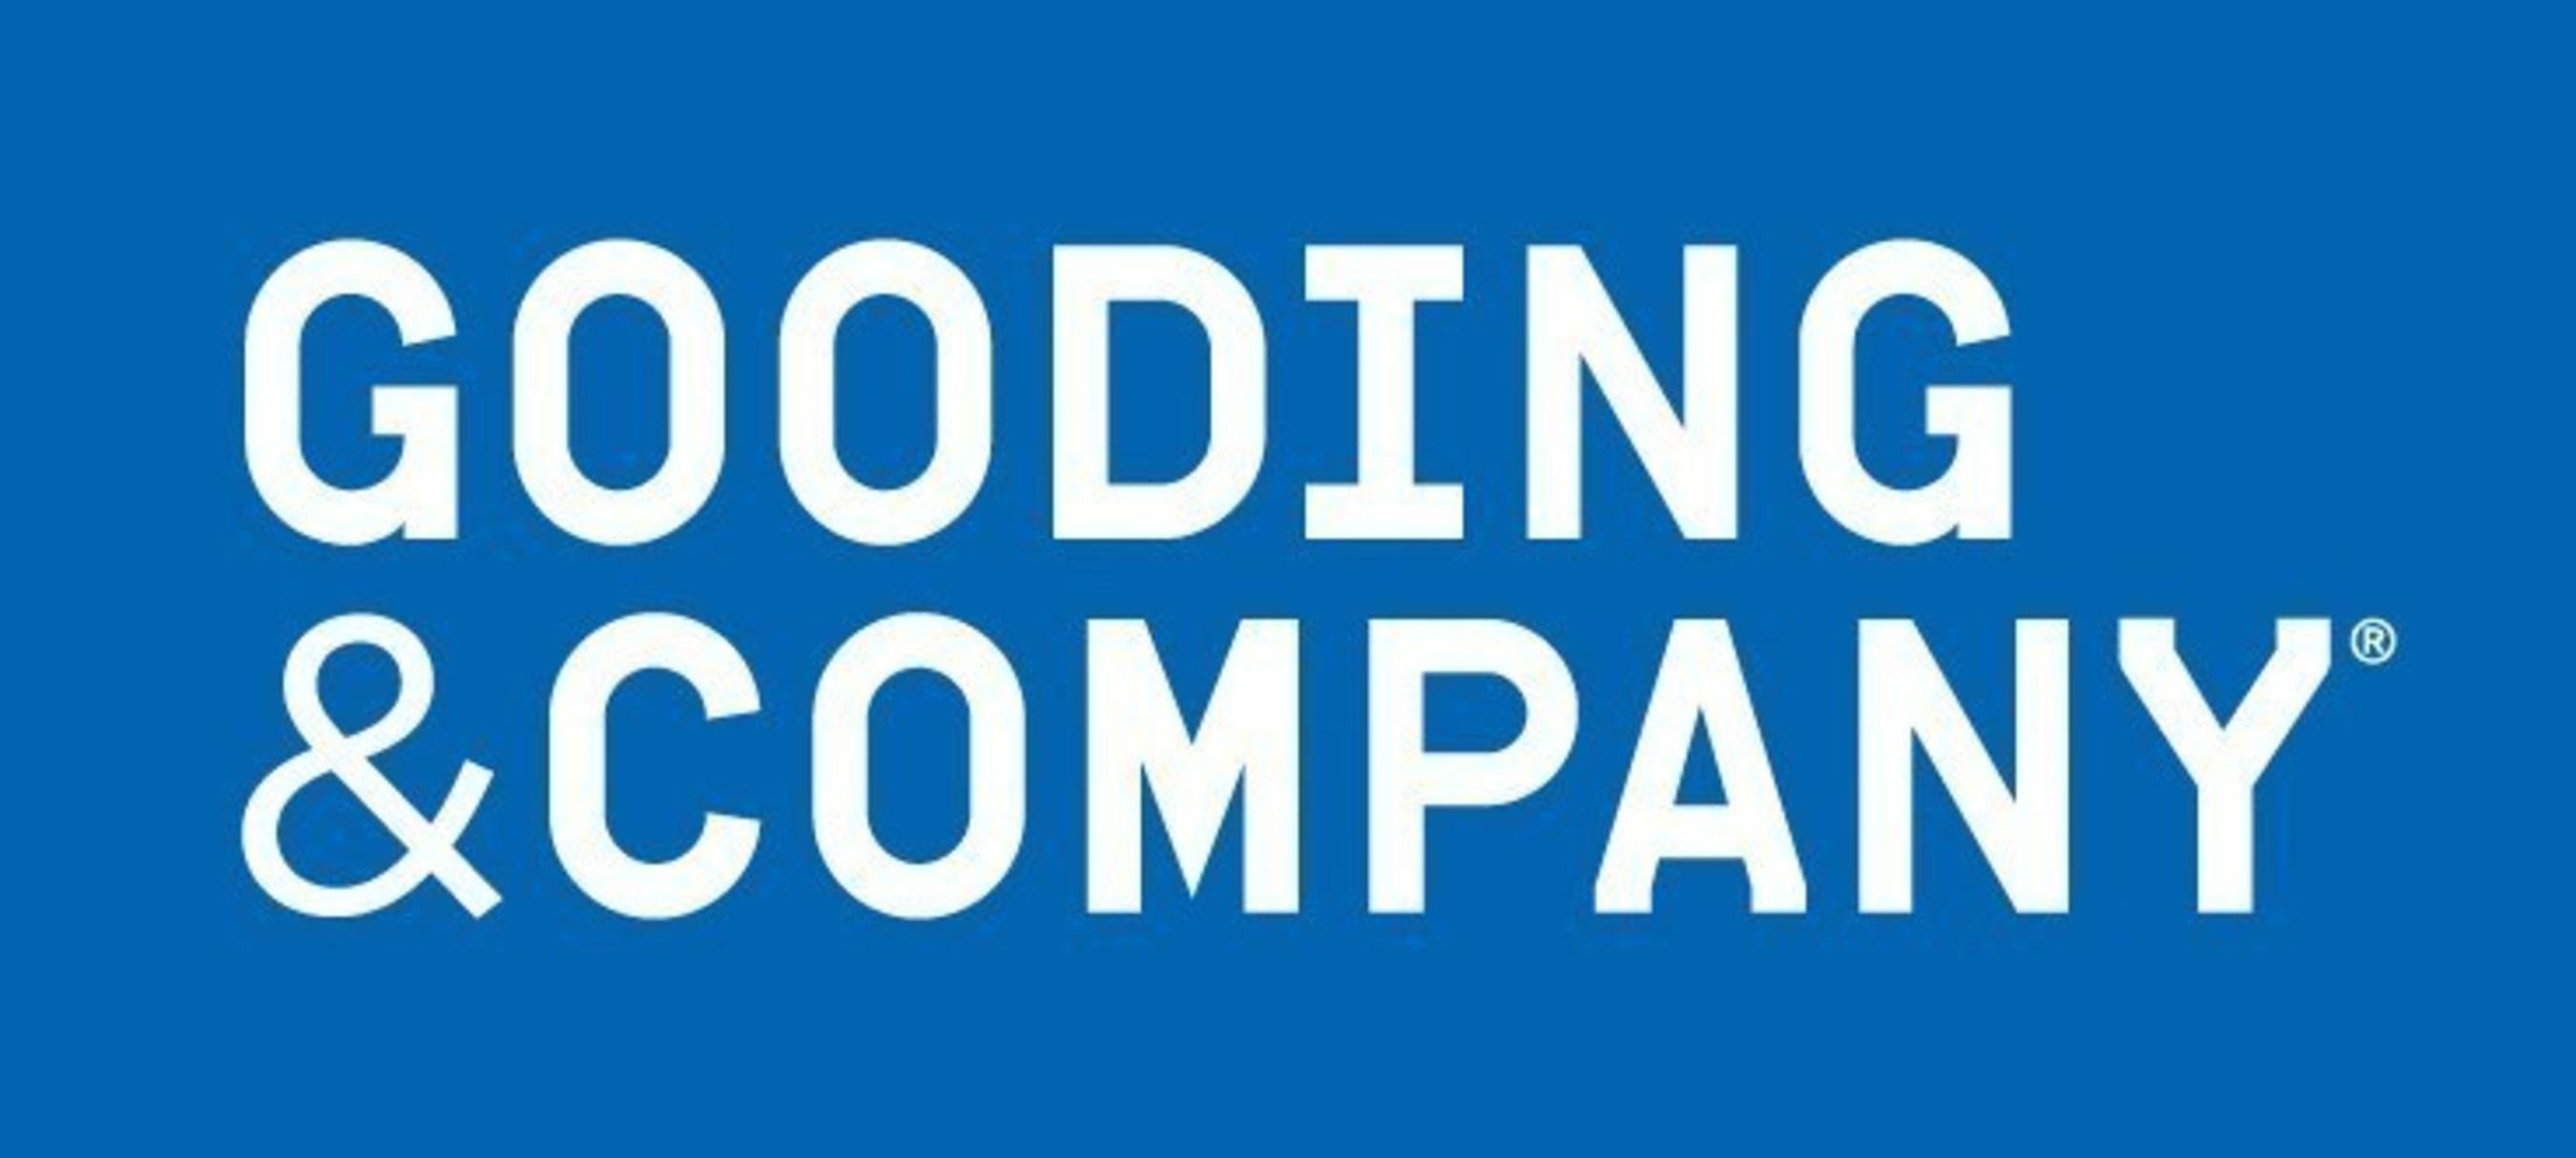 Leilões de dois dias da Gooding & Company em Pebble Beach obtêm mais de US$ 128 milhões